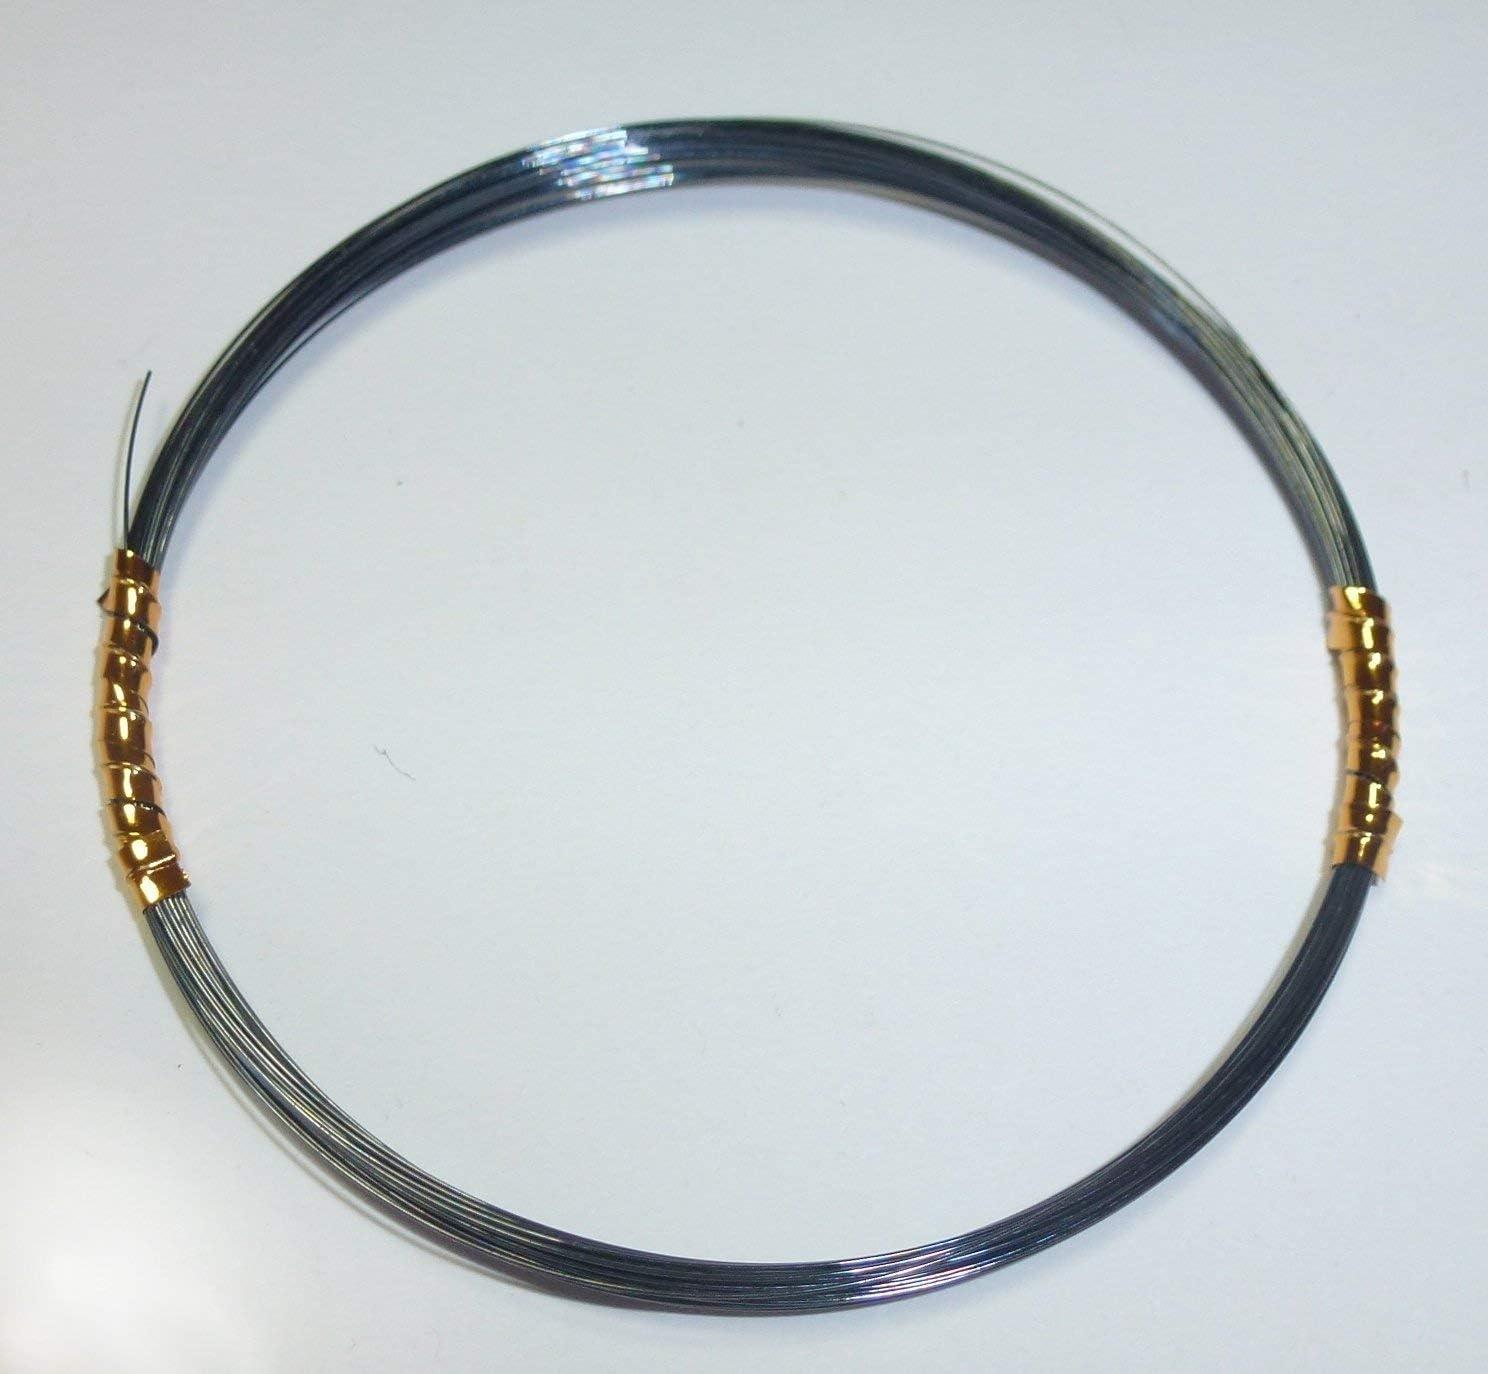 Zandervorfach Barschvorfach Awas Titanvorfach 1x1 schwarz 5m Made in USA Titanvorf/ächer Hechtvorfach